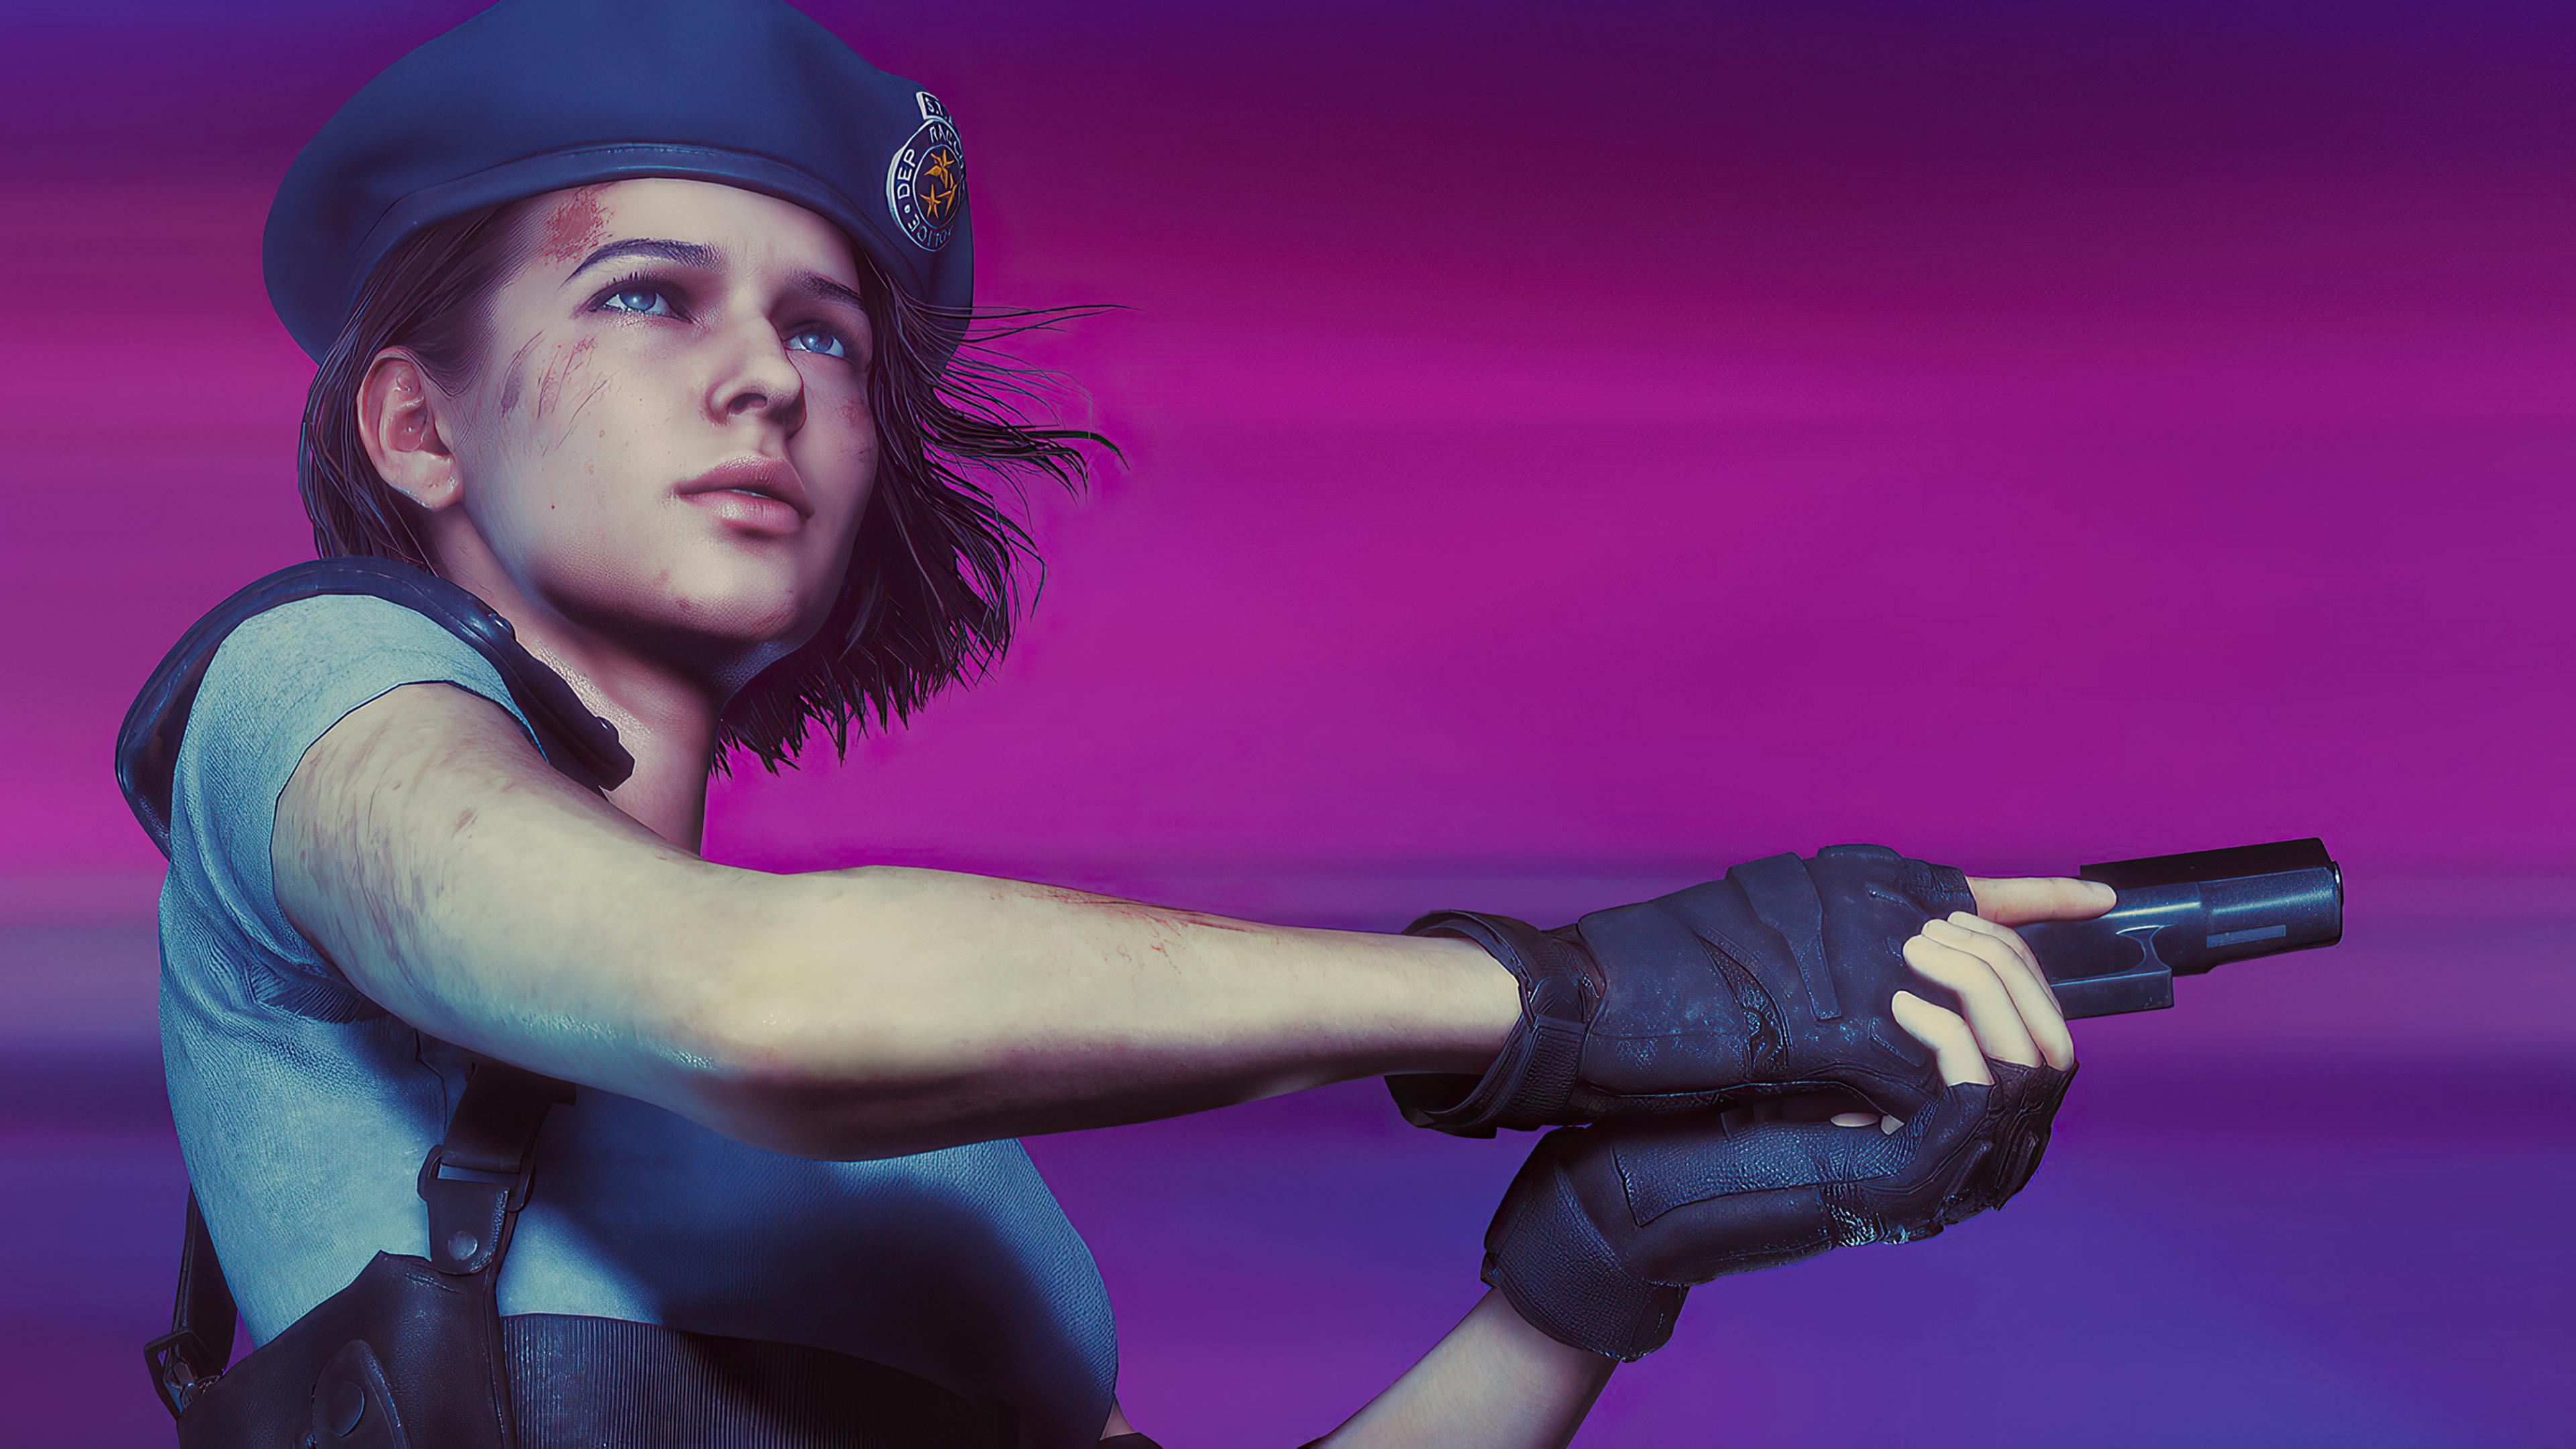 Wallpaper Jill Valentine Resident Evil 3 Remake Resident Evil